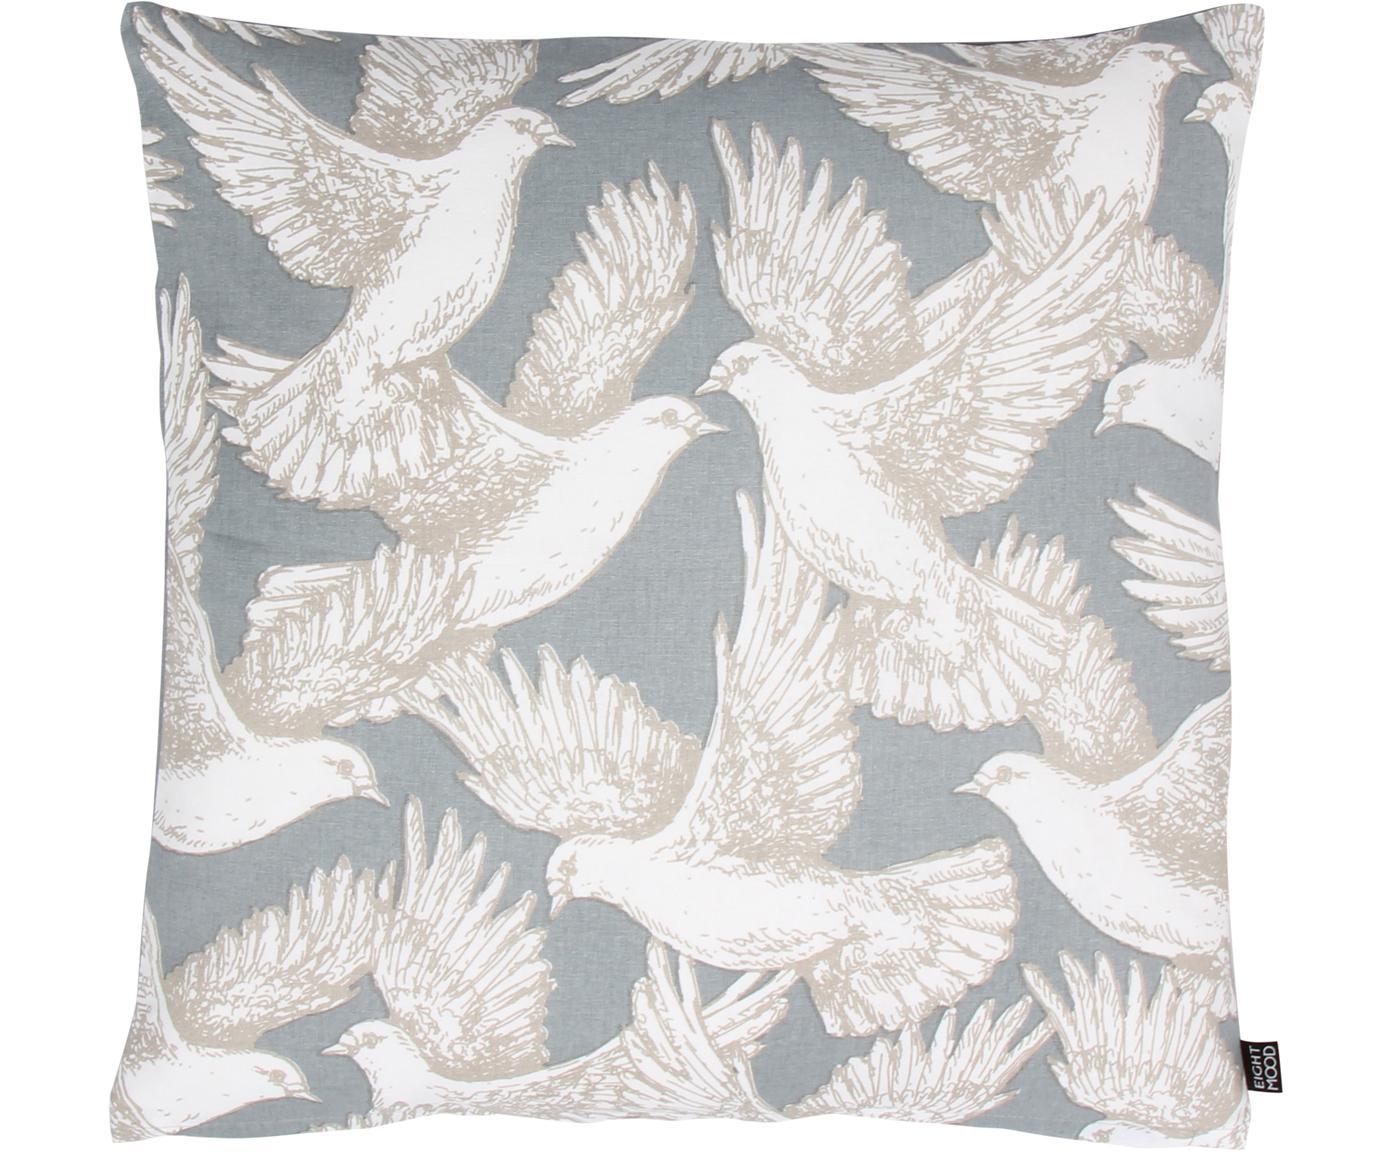 Kussenhoes Wings of Love met duifmotief, Katoen, Lichtblauw, wit, 50 x 50 cm